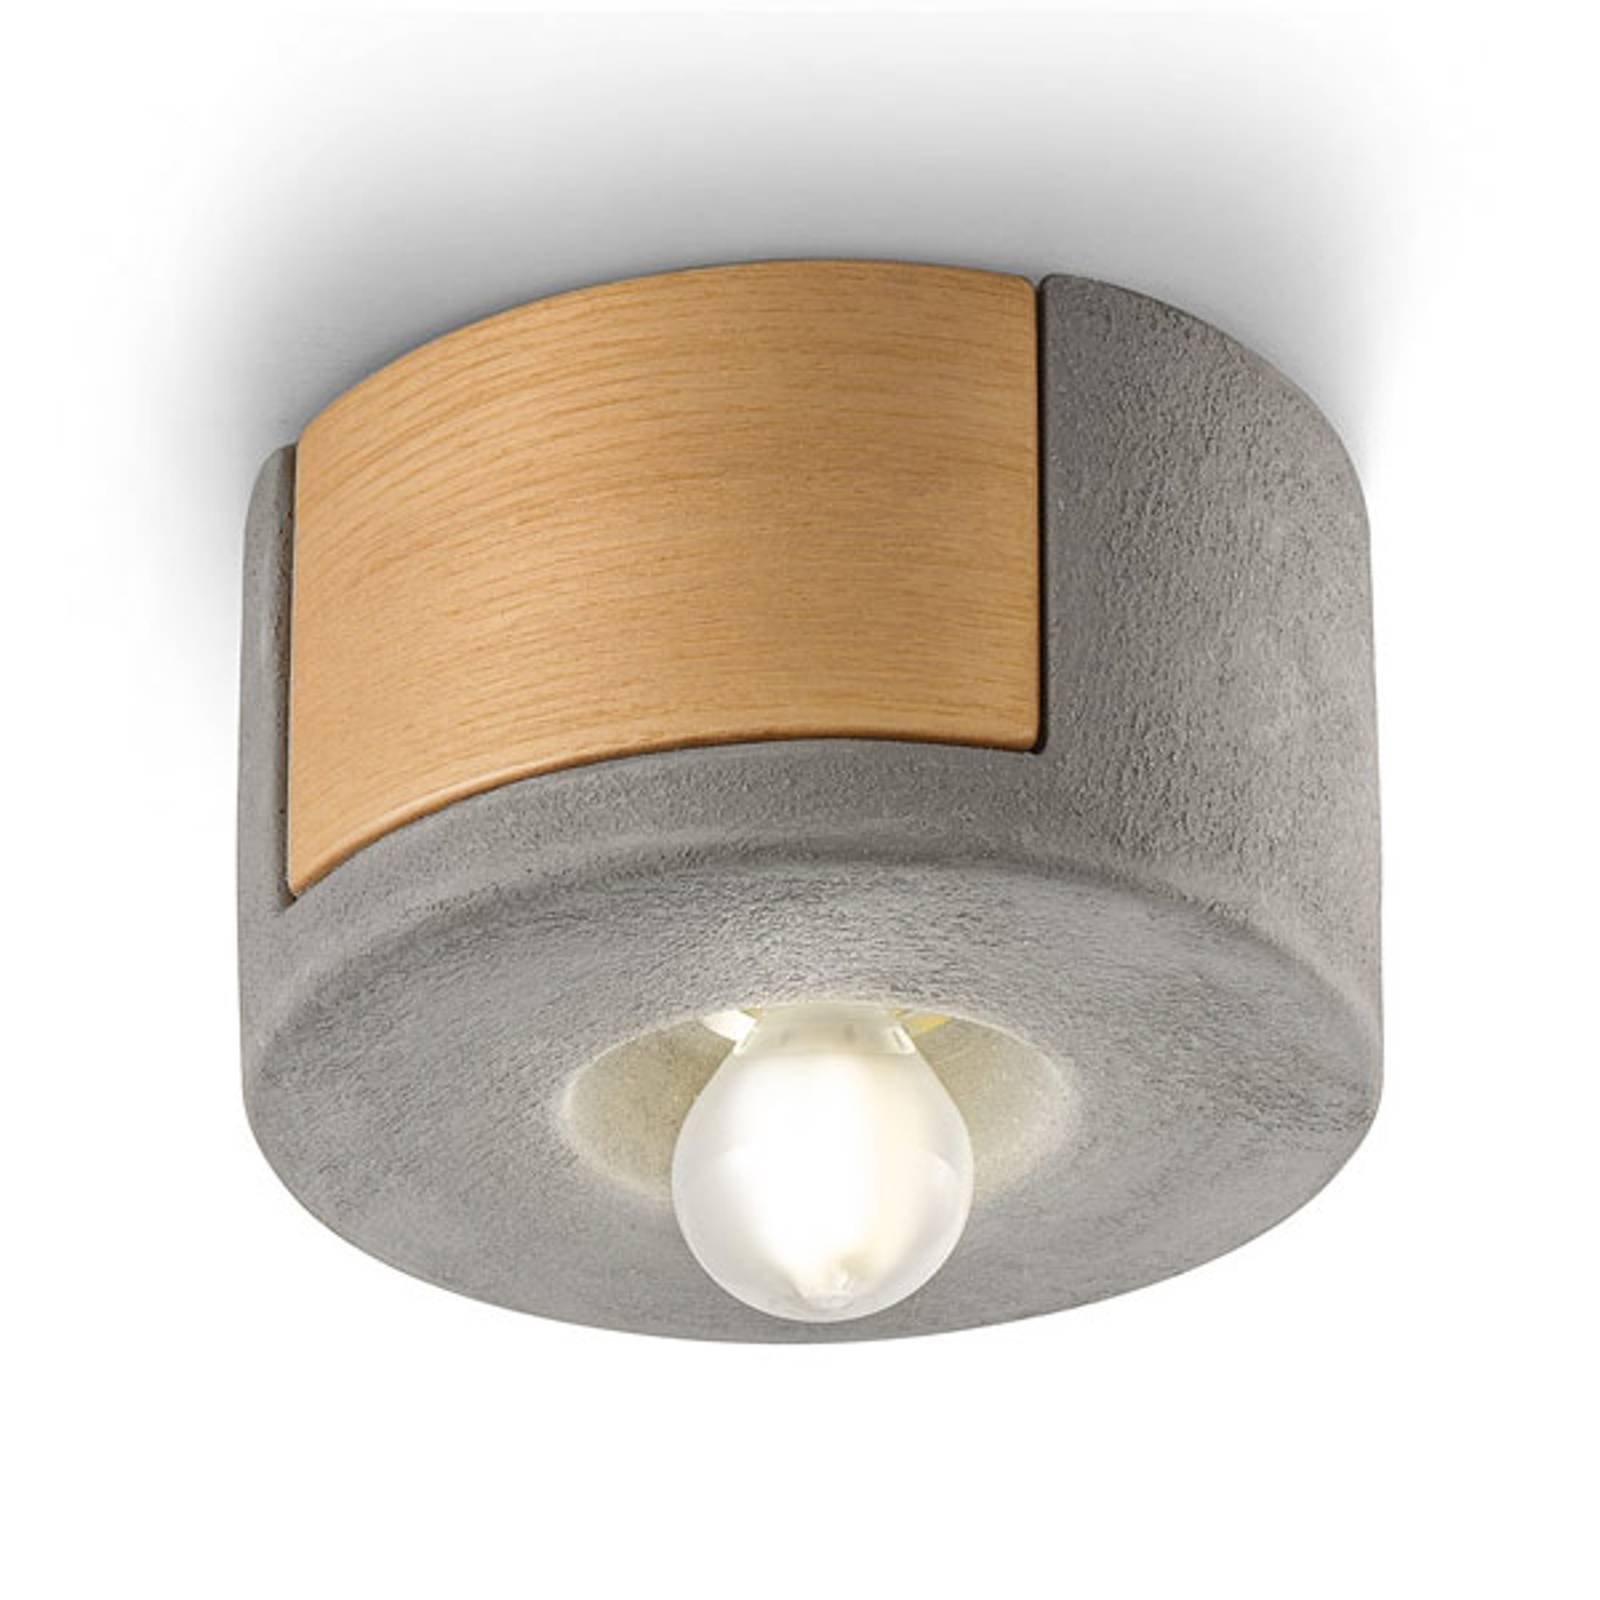 Taklampe C1791 i skandinavisk stil sement